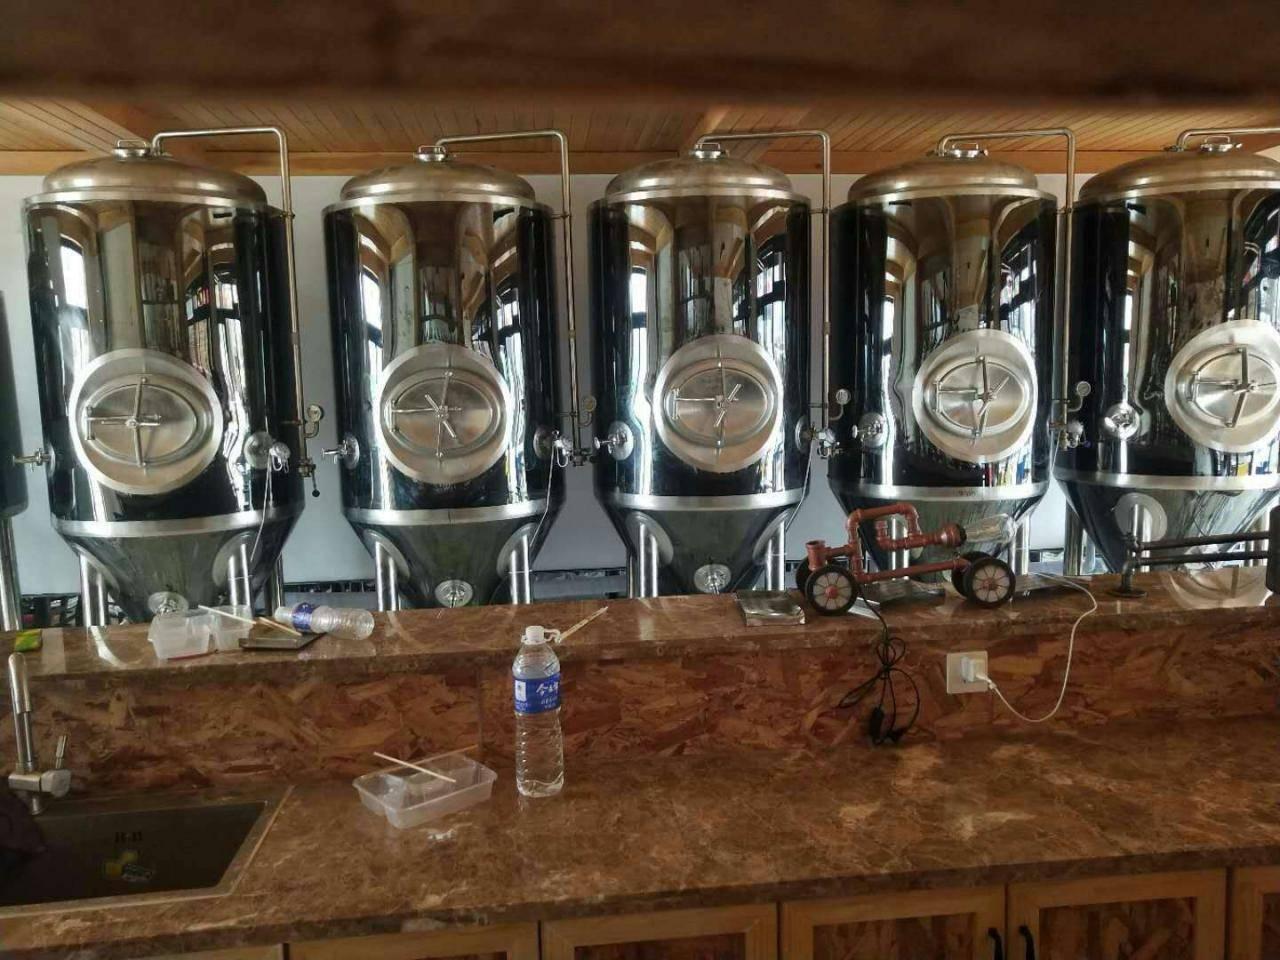 合众精酿啤酒设备教学视频-自酿精酿啤酒设备一套多少钱?-大麦丫-精酿啤酒连锁超市,工厂店平价酒吧免费加盟